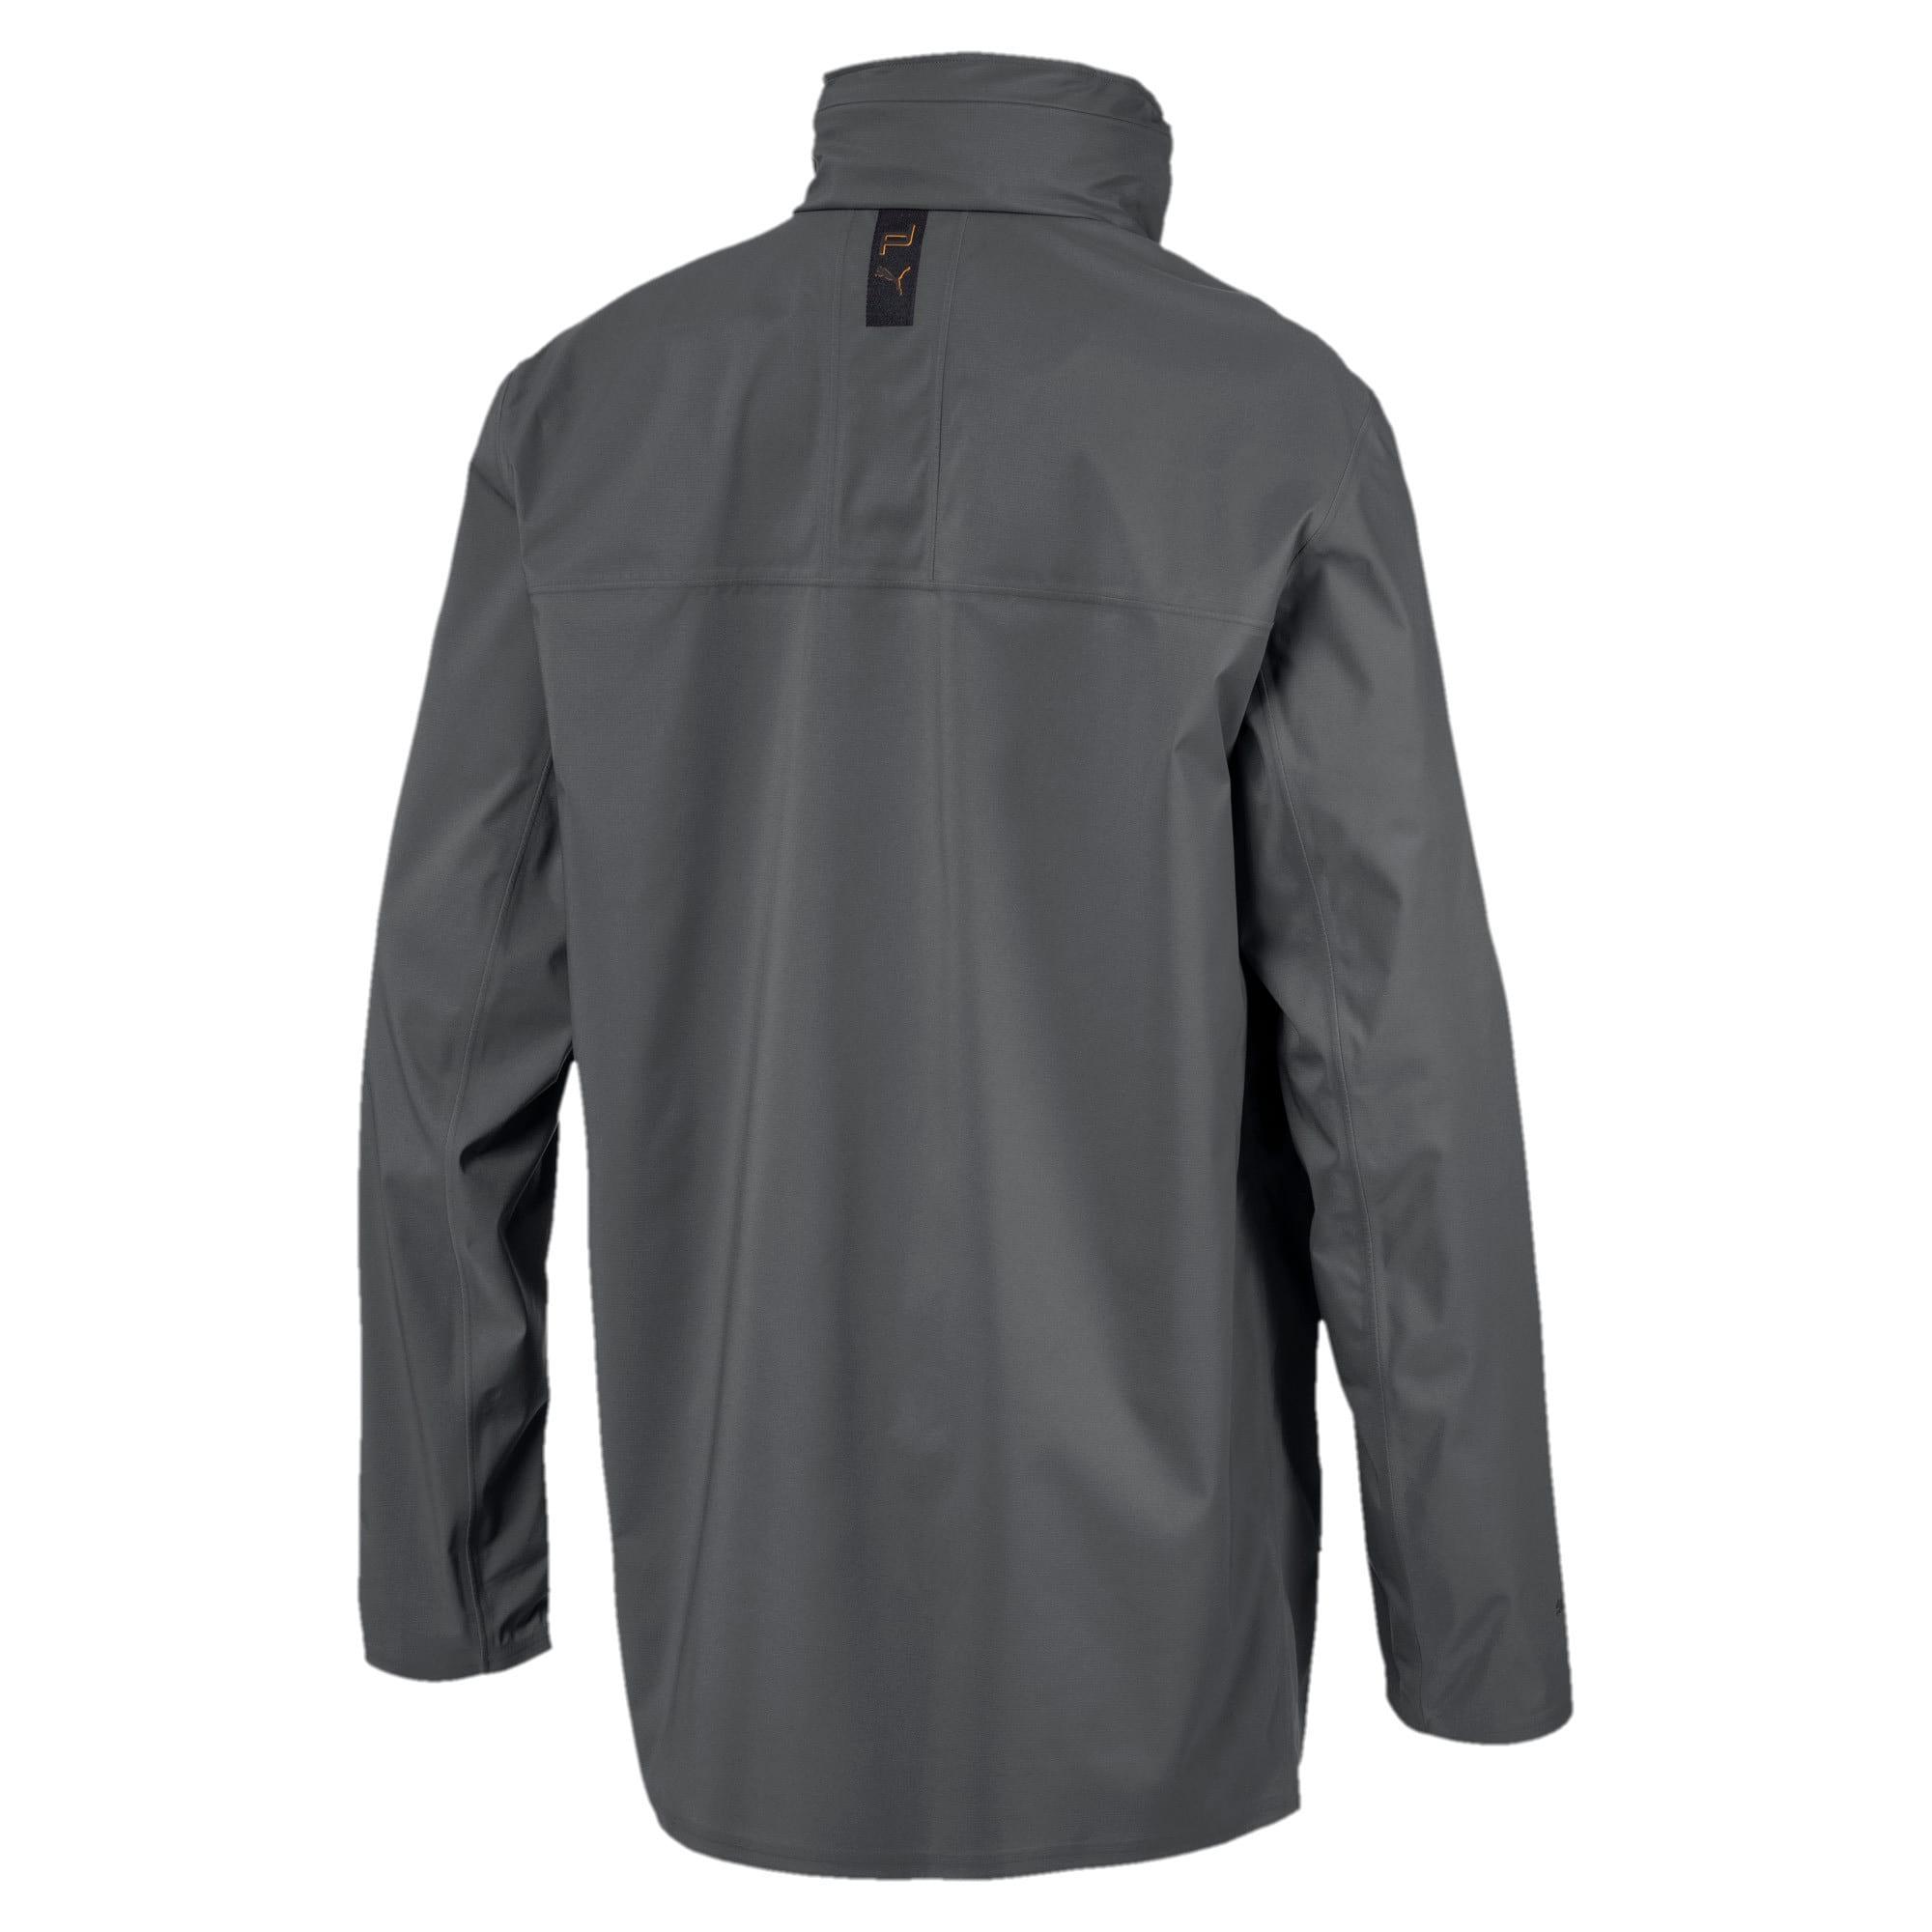 Thumbnail 2 of Porsche Design RCT Men's Jacket, Asphalt, medium